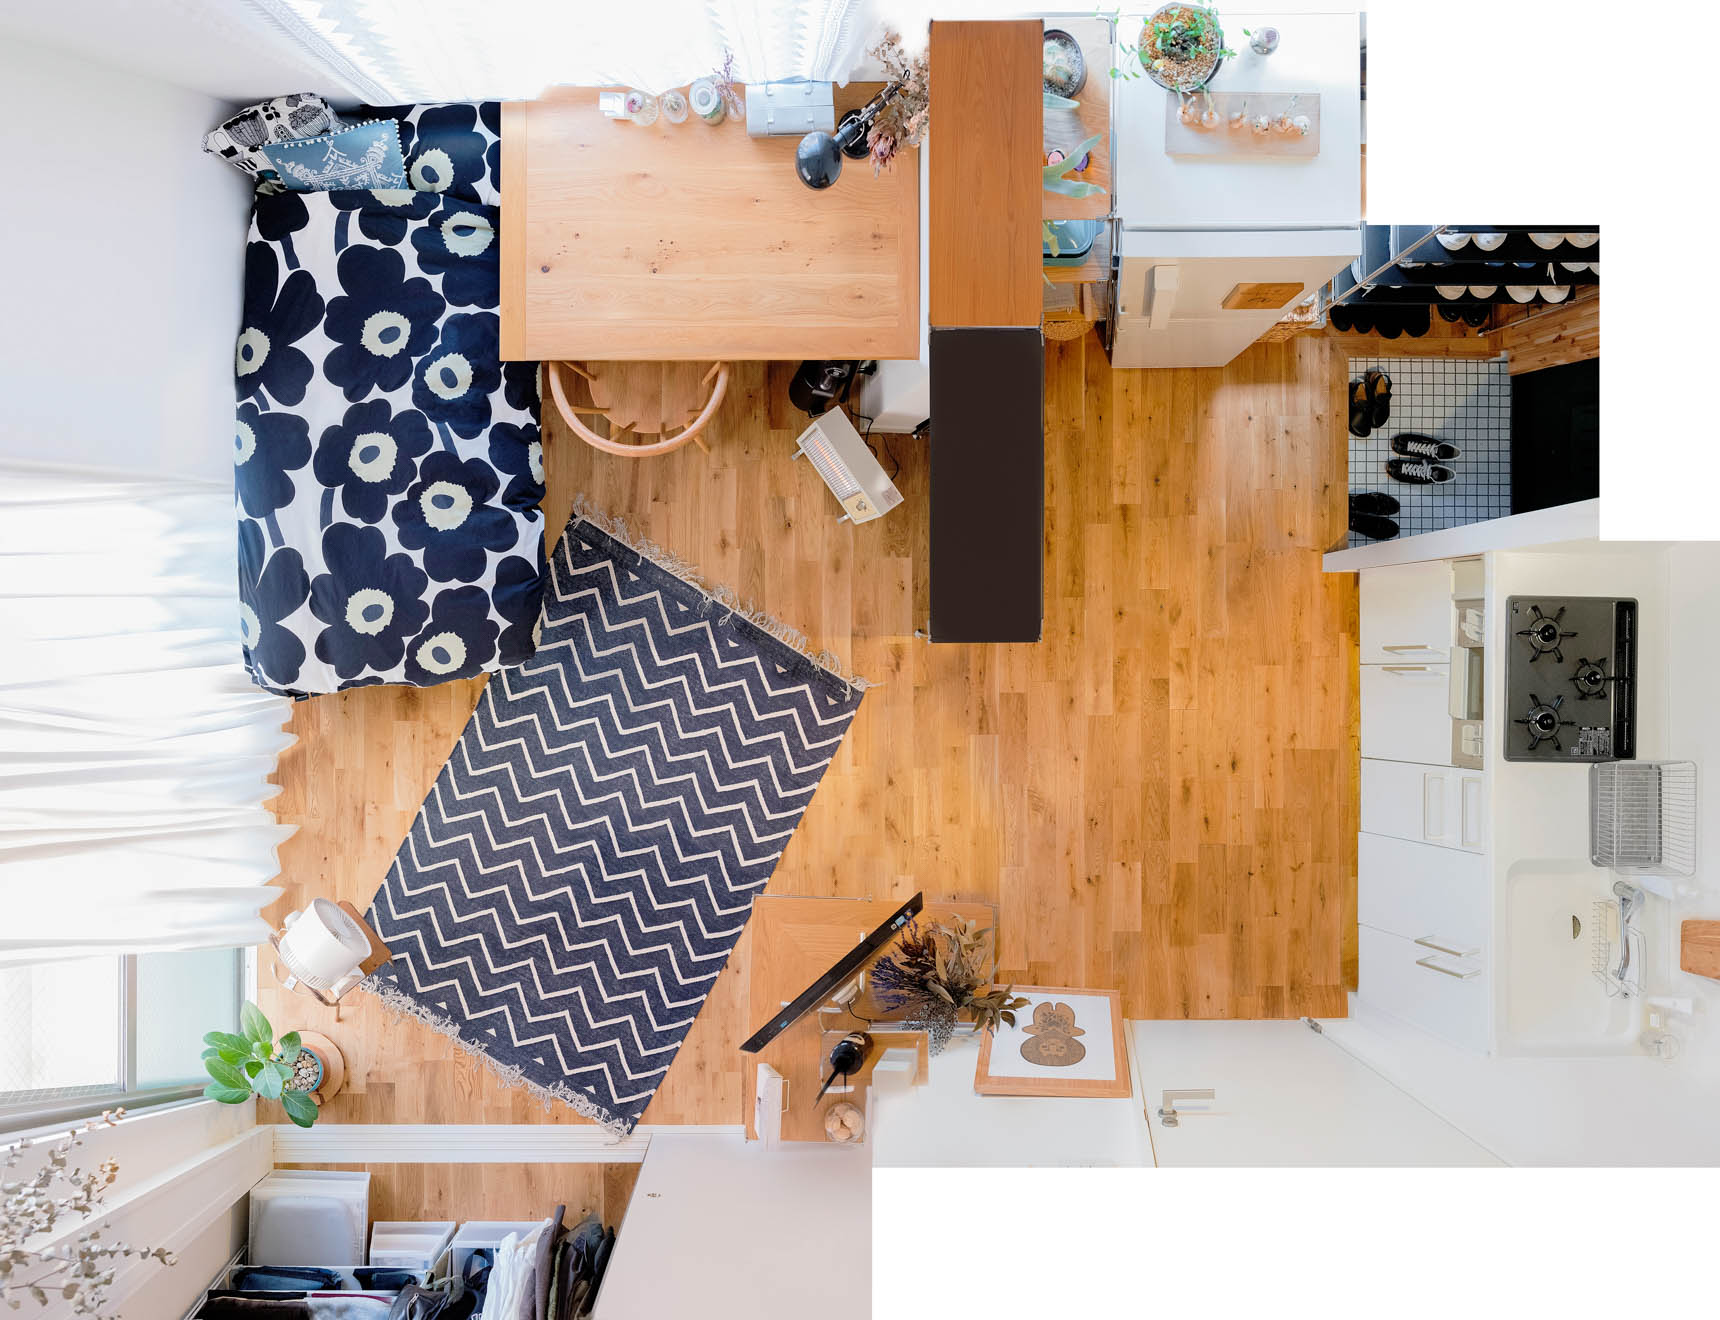 大きなデスクと、空間を仕切って繋ぐ棚。巧みな家具配置で使いこなすワンルーム